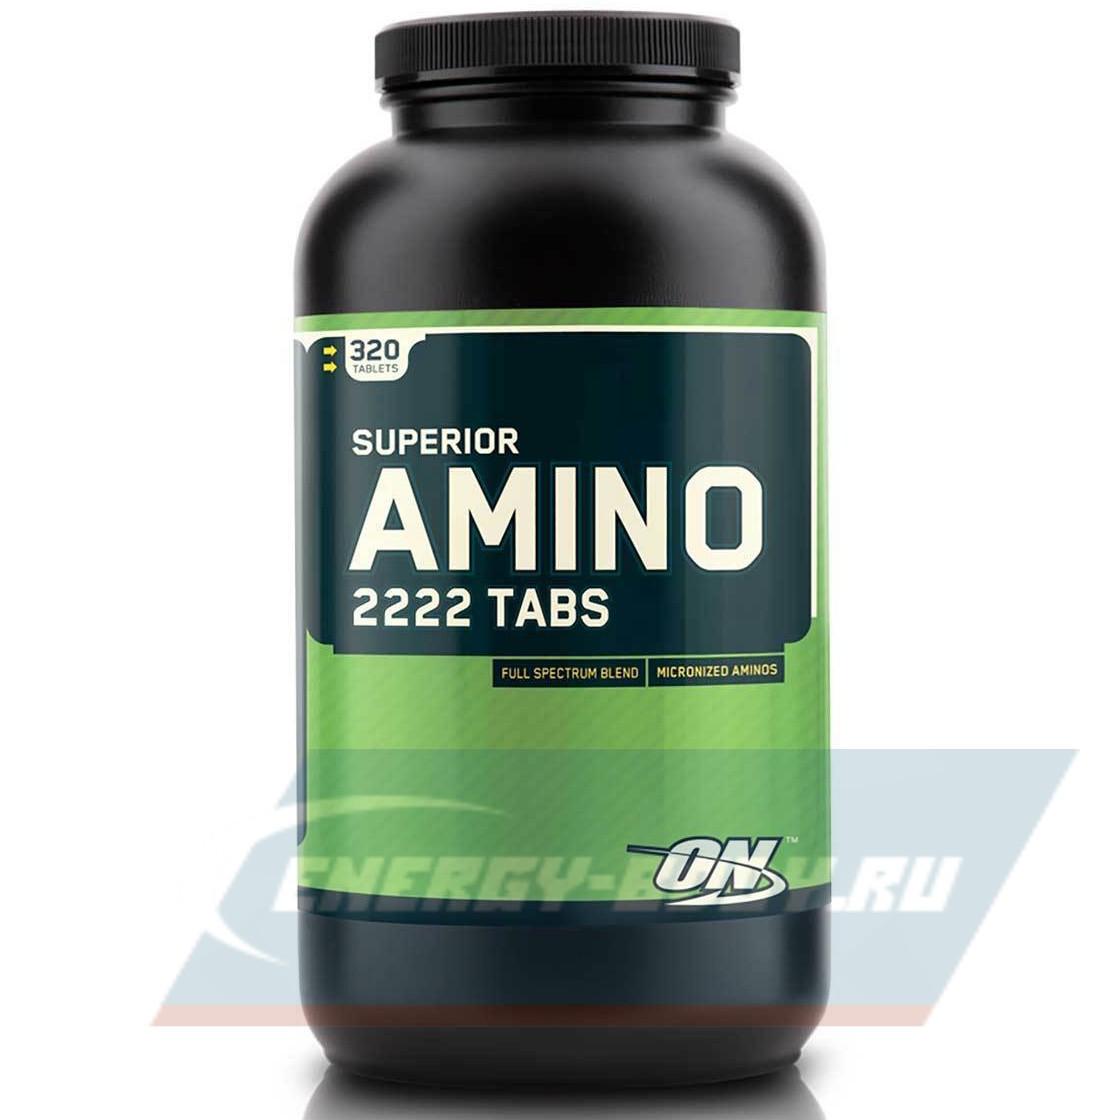 Как правильно принимать таблетки superior amino 2222